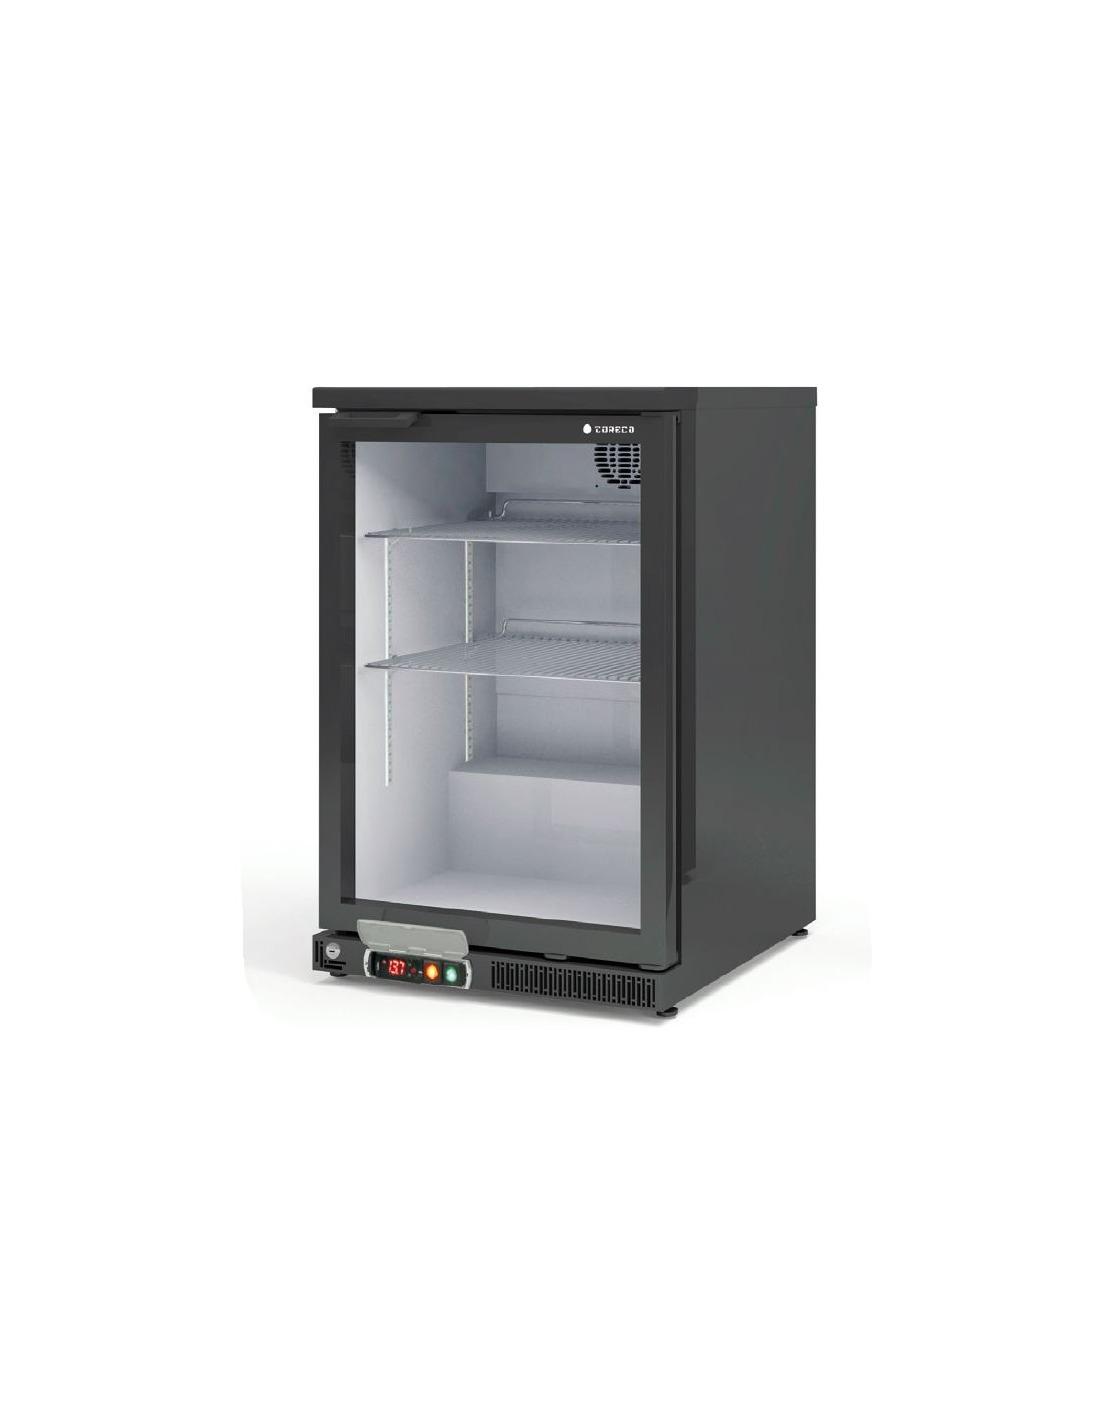 Expositor refrigerado peque as dimensiones for Neveras pequenas con congelador